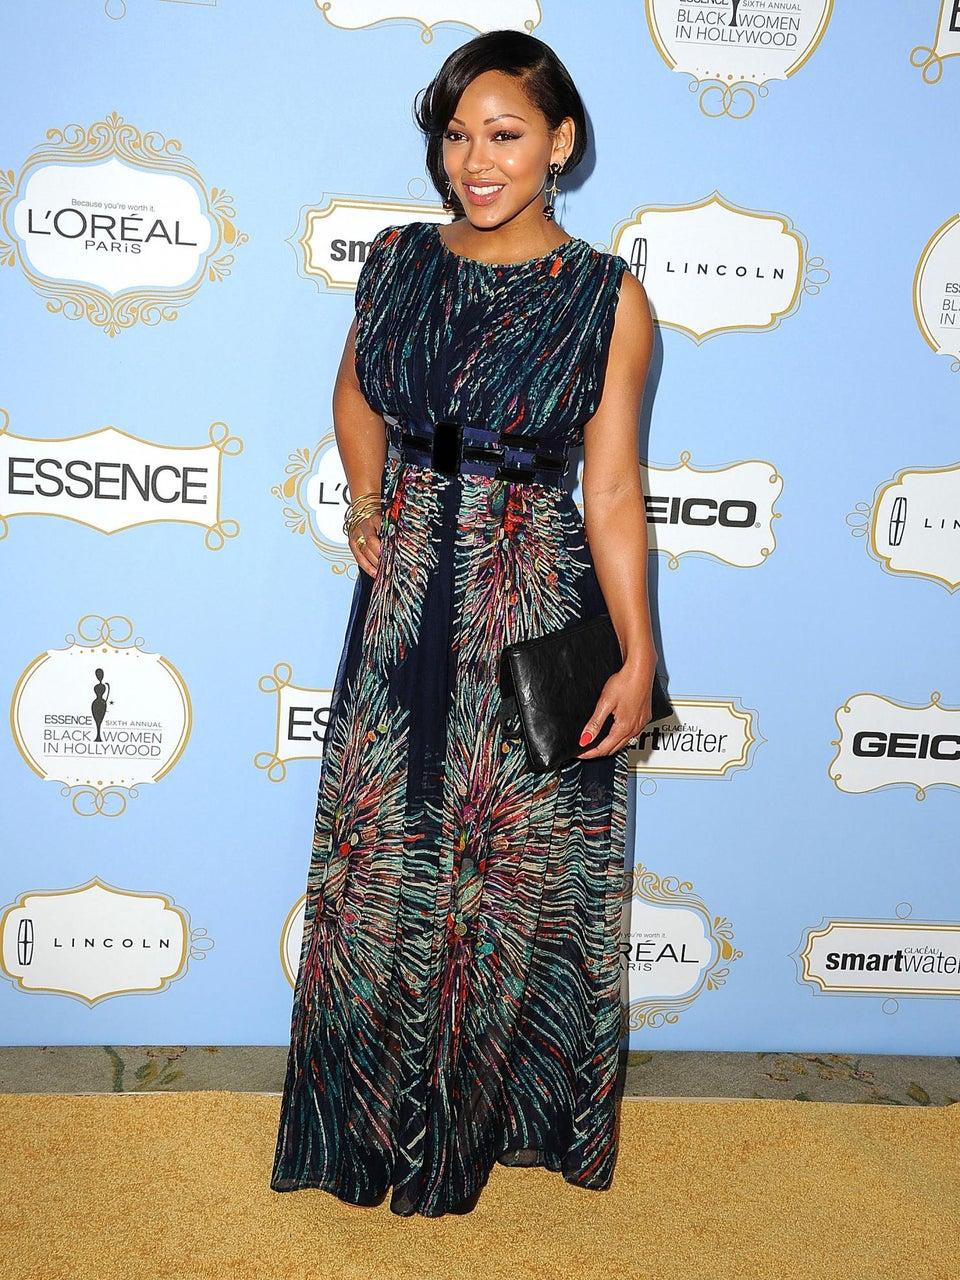 Meagan Good Lands 'Anchorman' Sequel Role